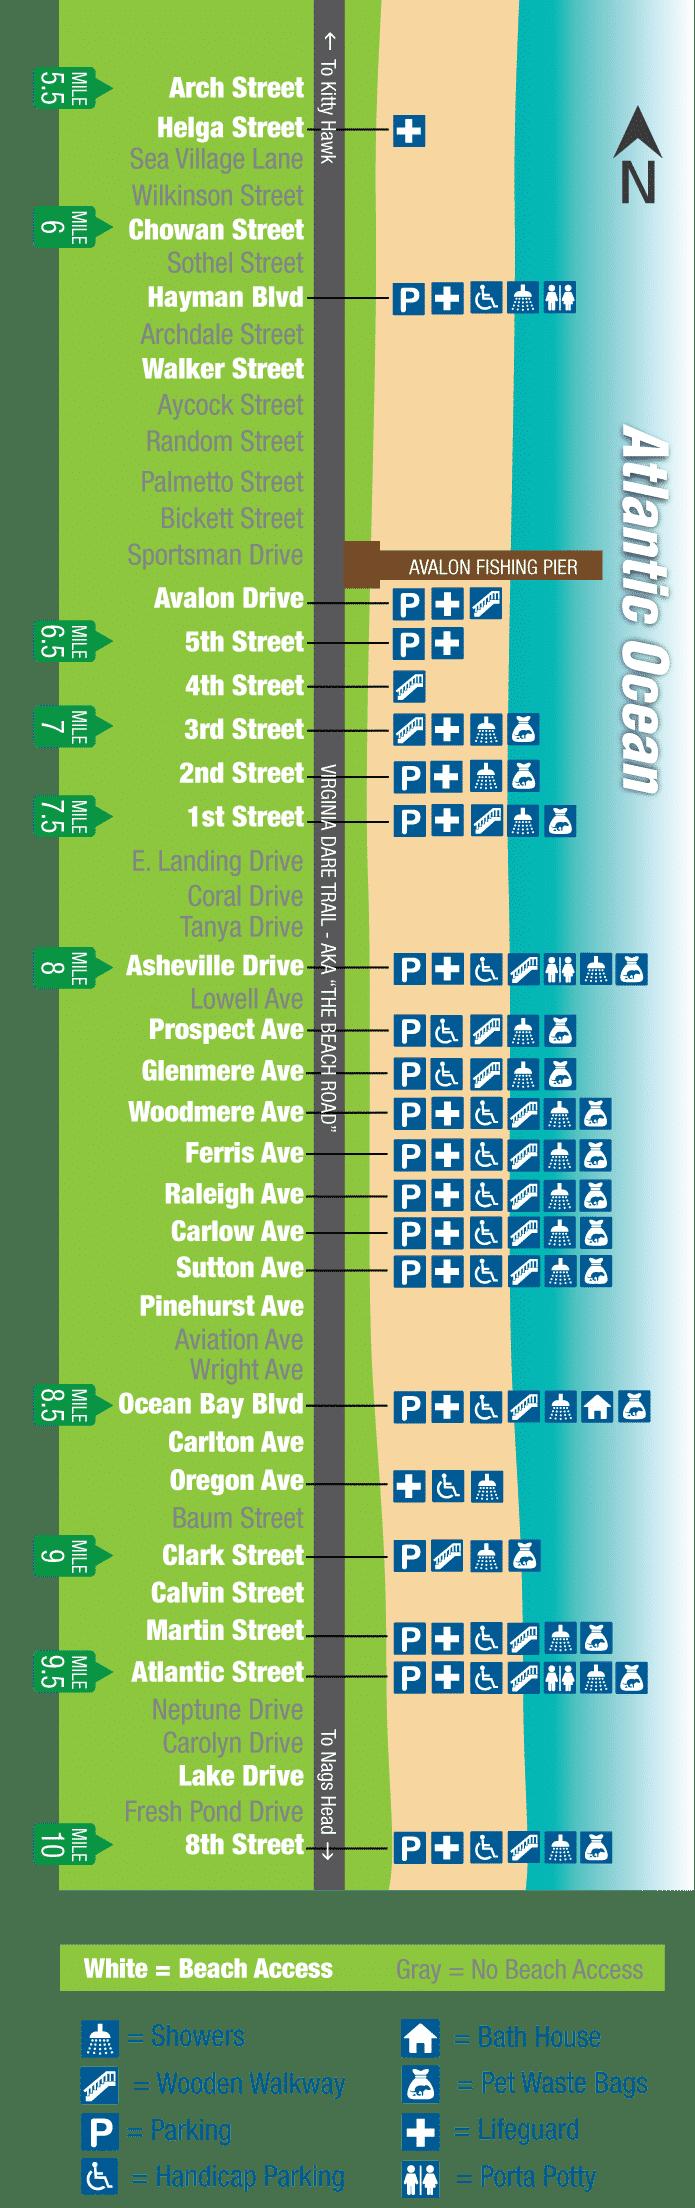 Kill Devil Hills Beach Access Map